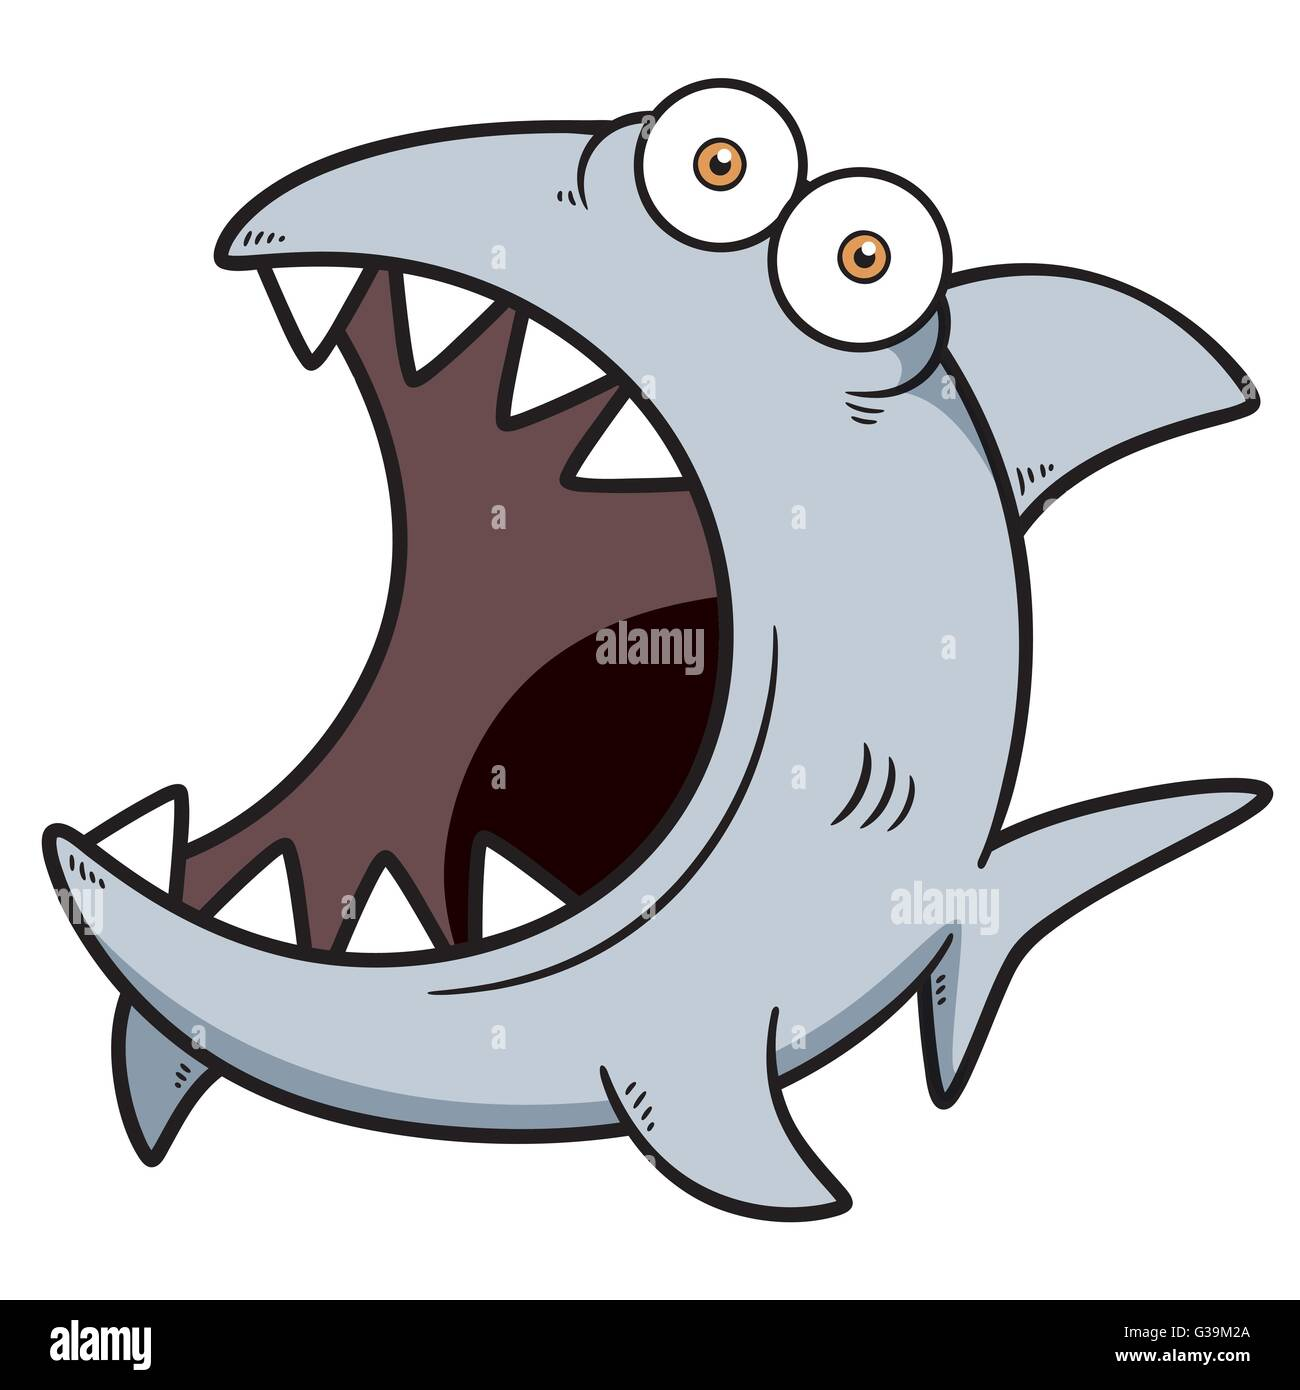 Illustration vecteur de dessin anim requin en col re vecteurs et illustration image - Requin en dessin ...